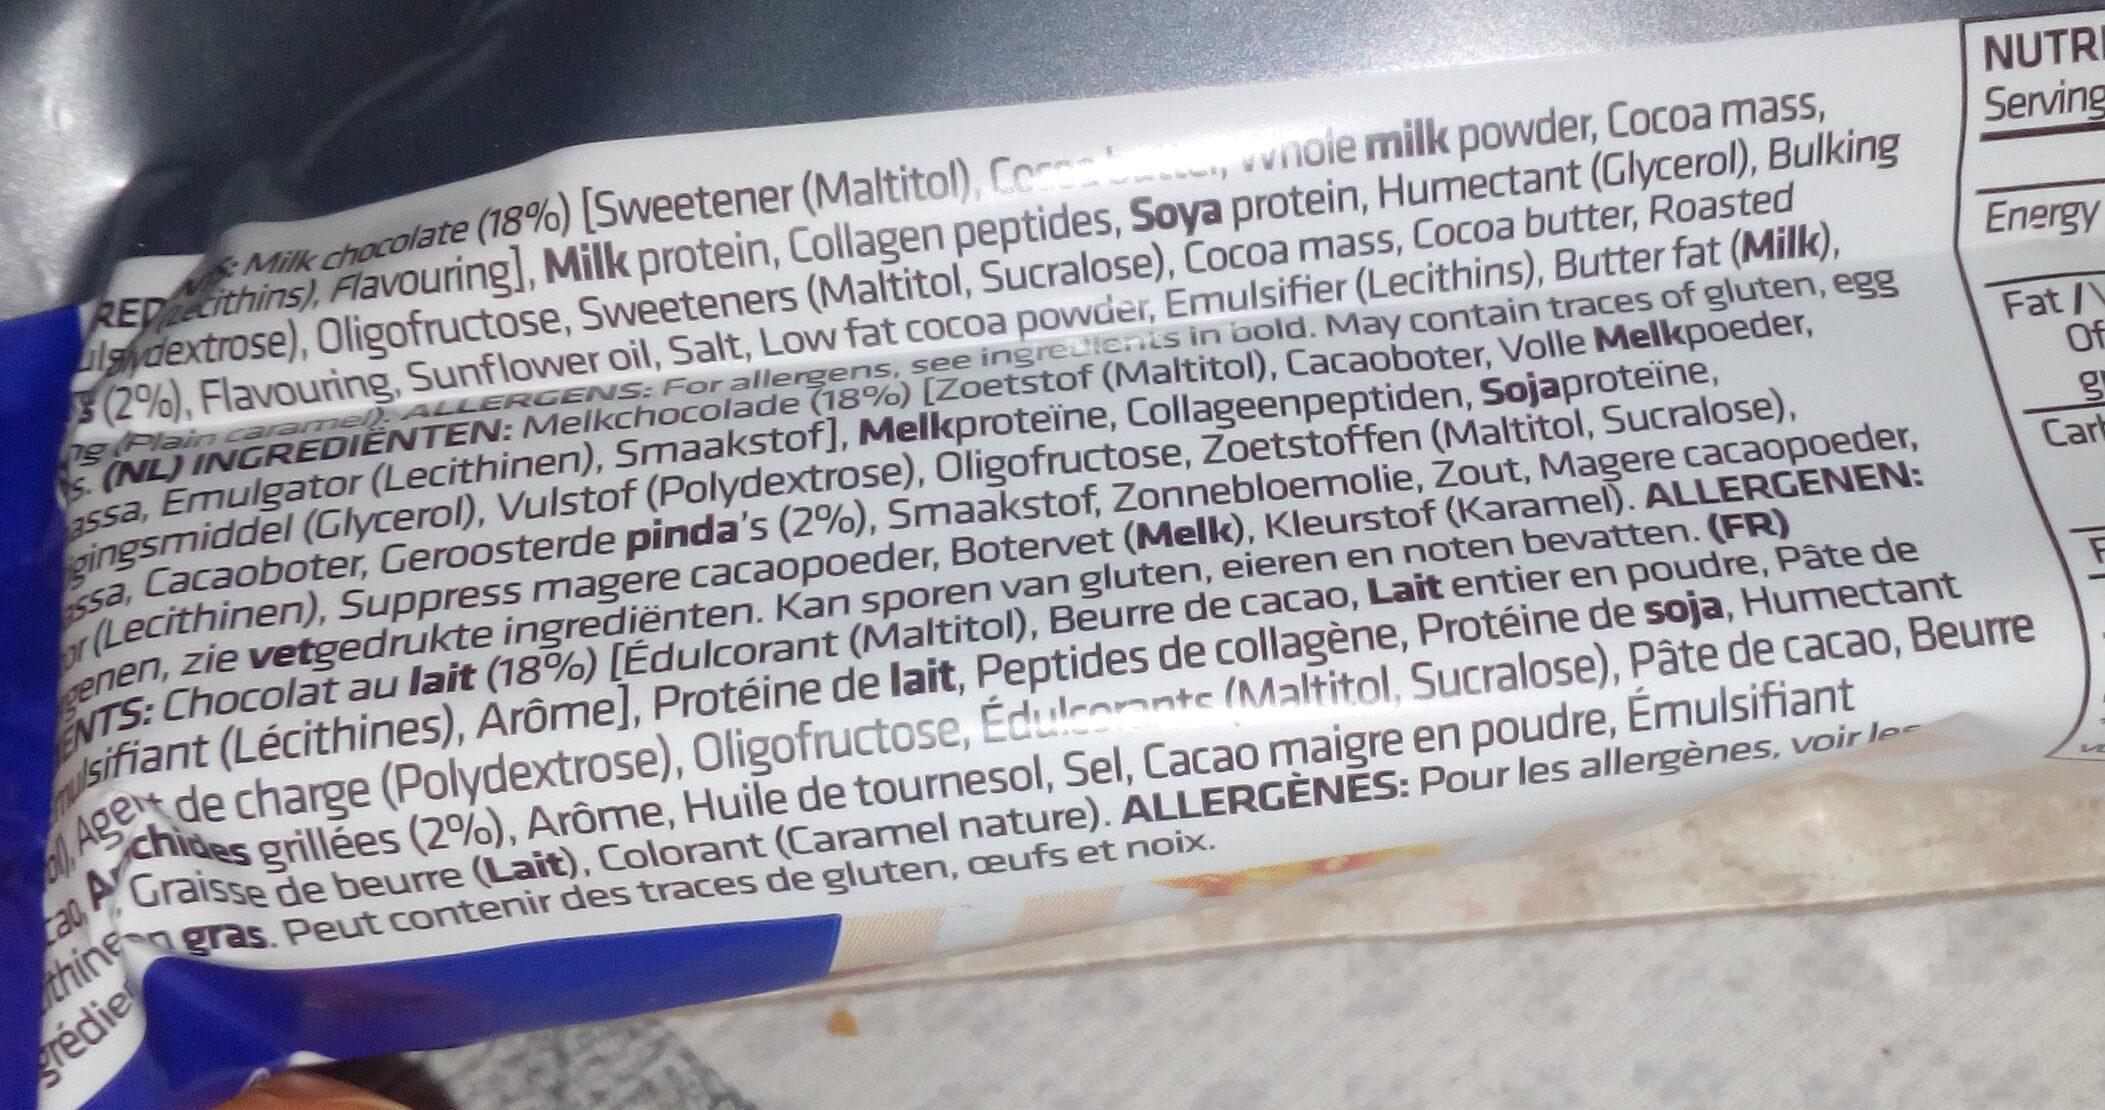 Trust crunch cacahuètes caramel salé - Inhaltsstoffe